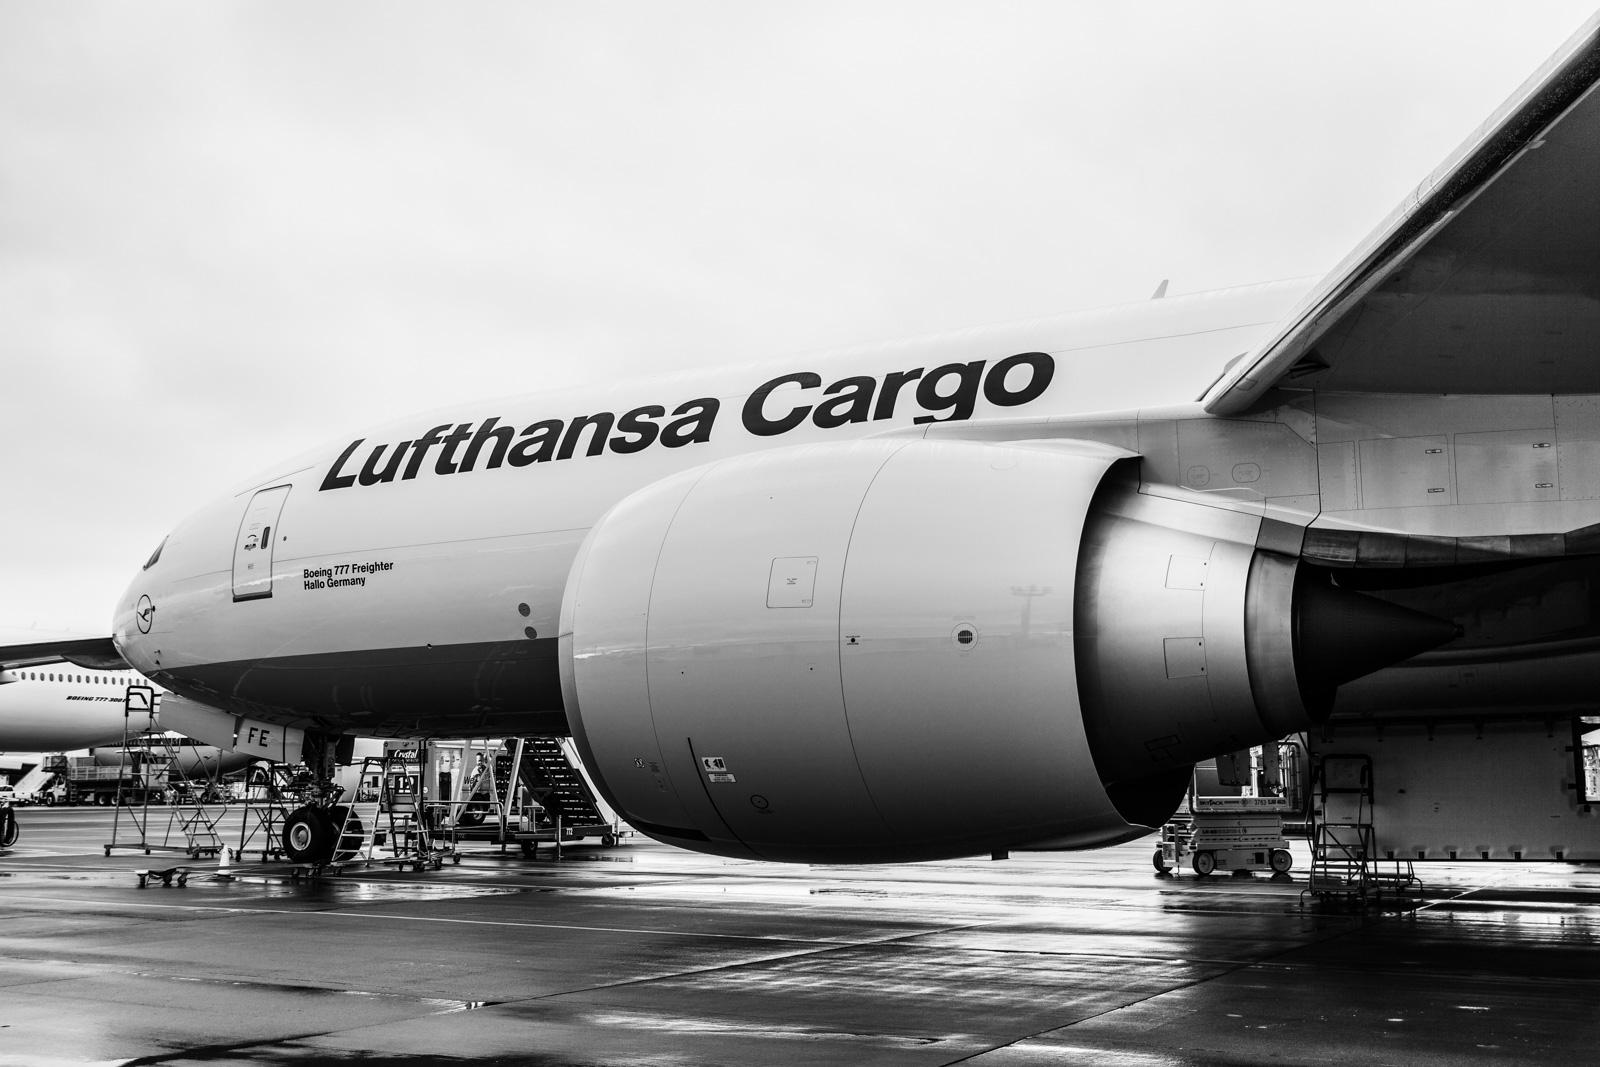 Eine neue Boeing der Lufthansa Cargo in Seattle